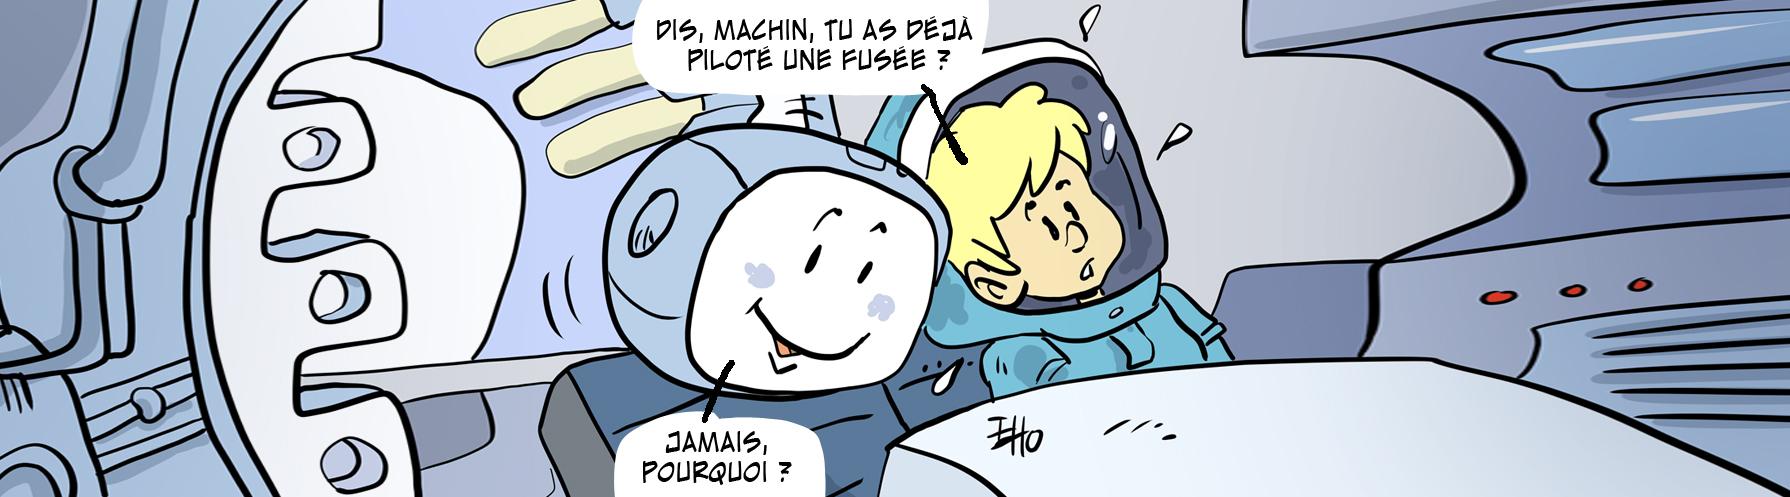 Cimon, le nouveau compagnon des astronautes de l'ISS